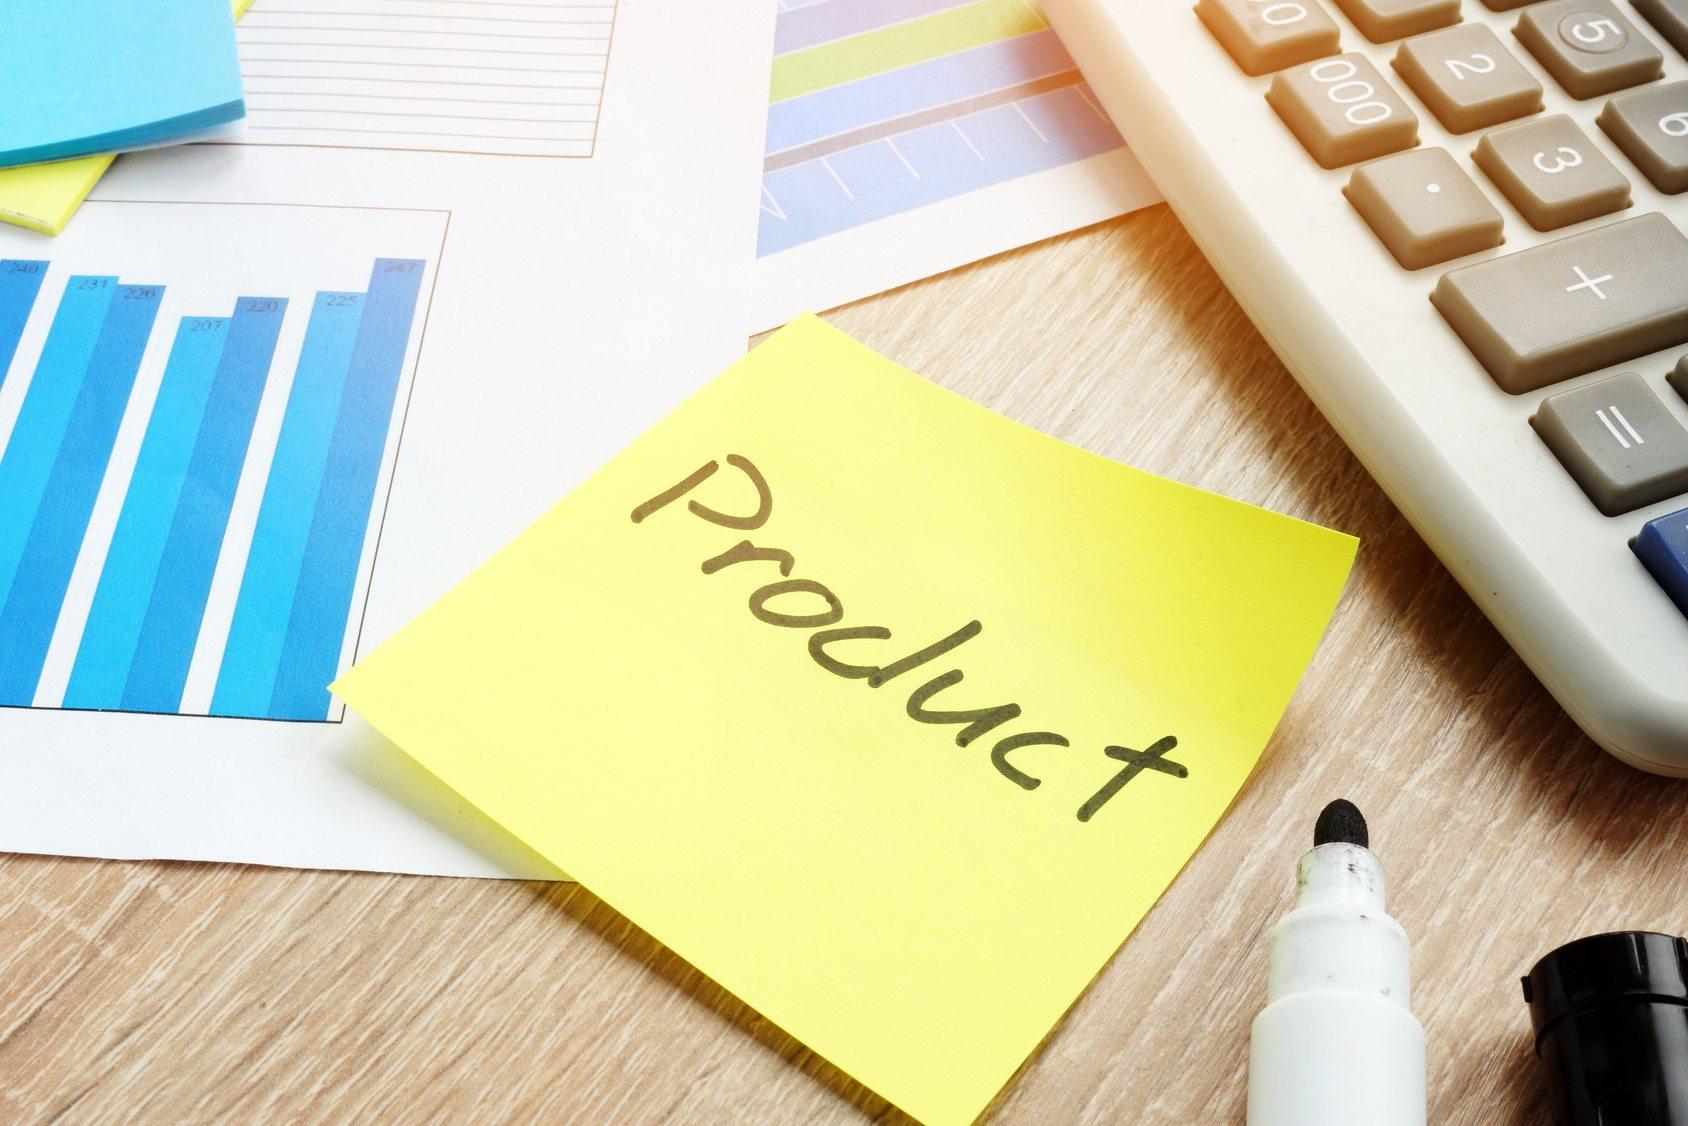 ProductCamp on varma kevään merkki tuotepäällikölle